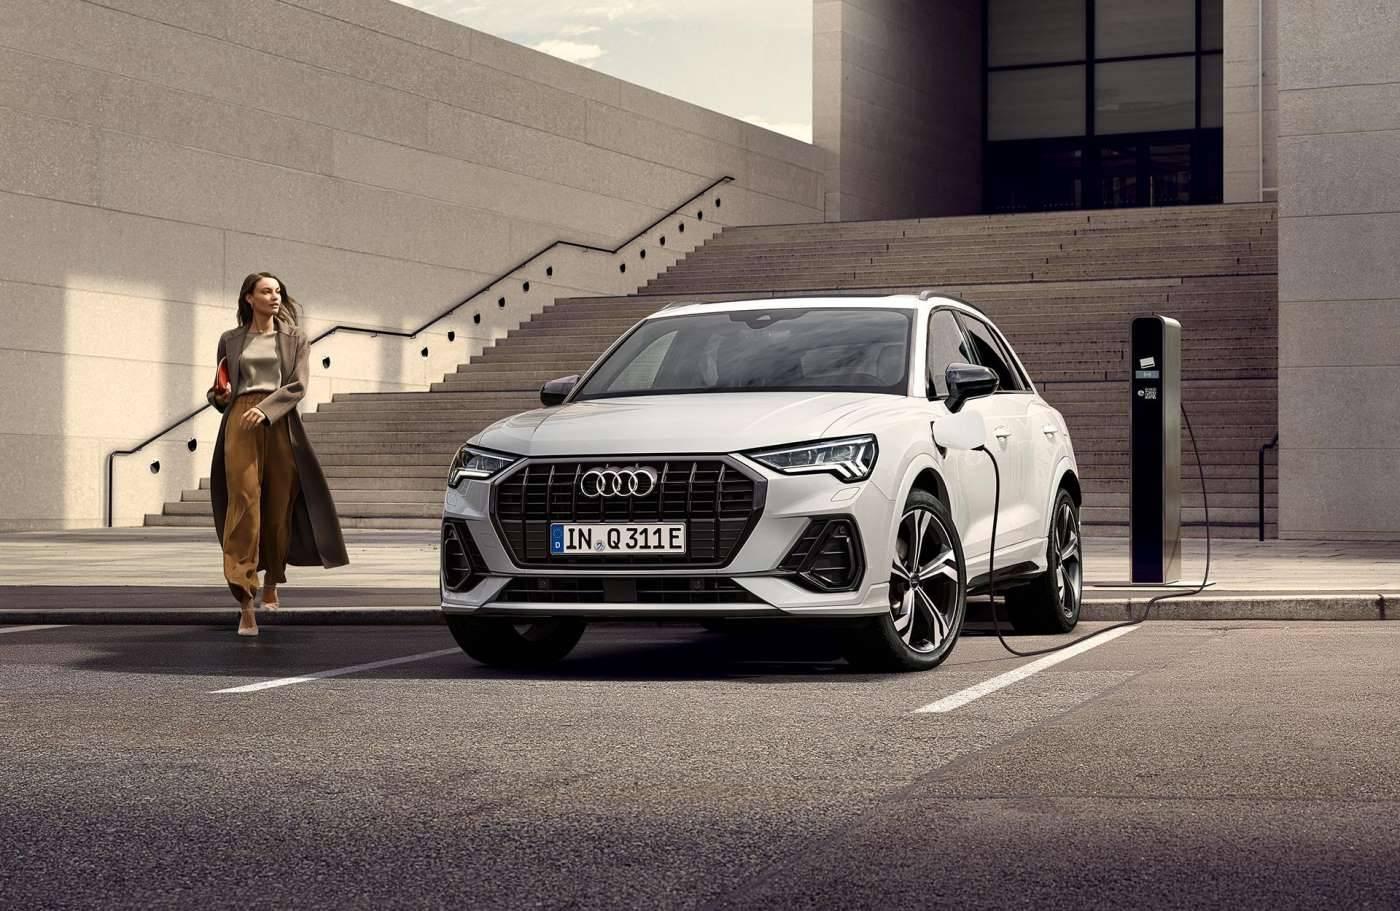 Nouvelle Audi Q3 TFSIe hybride électrique essence